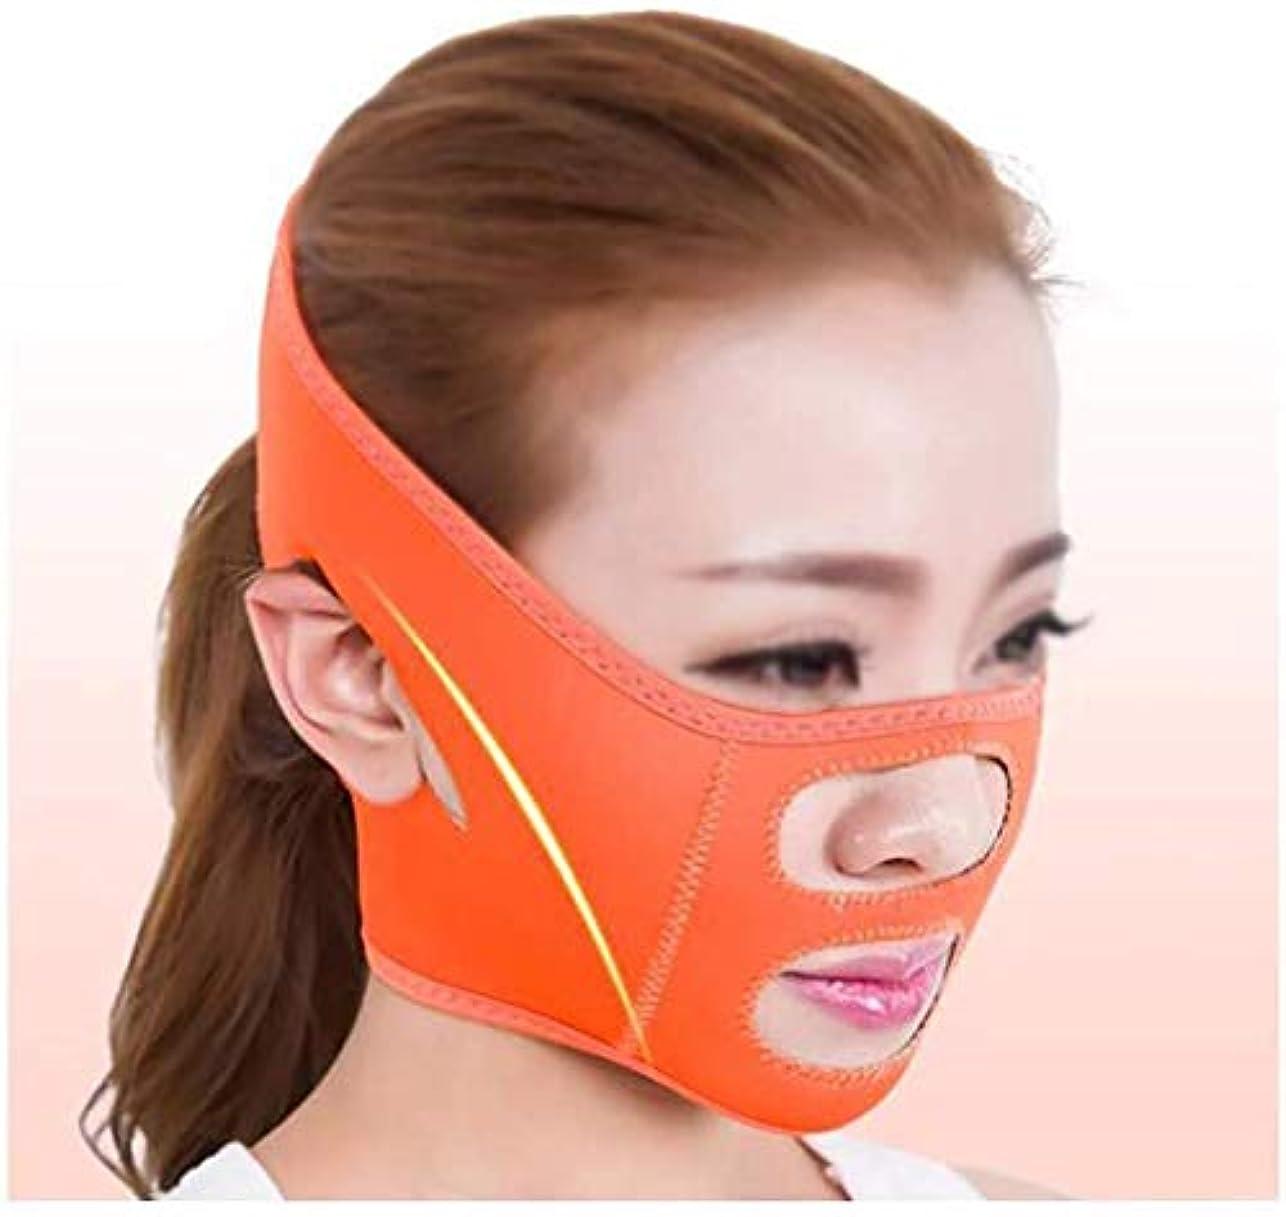 歴史もろい焼く美容と実用的なファーミングフェイスマスク、術後リフティングマスクホーム包帯シェーキングネットワーク赤女性Vフェイスステッカーストラップ楽器フェイスアーティファクト(色:オレンジ)